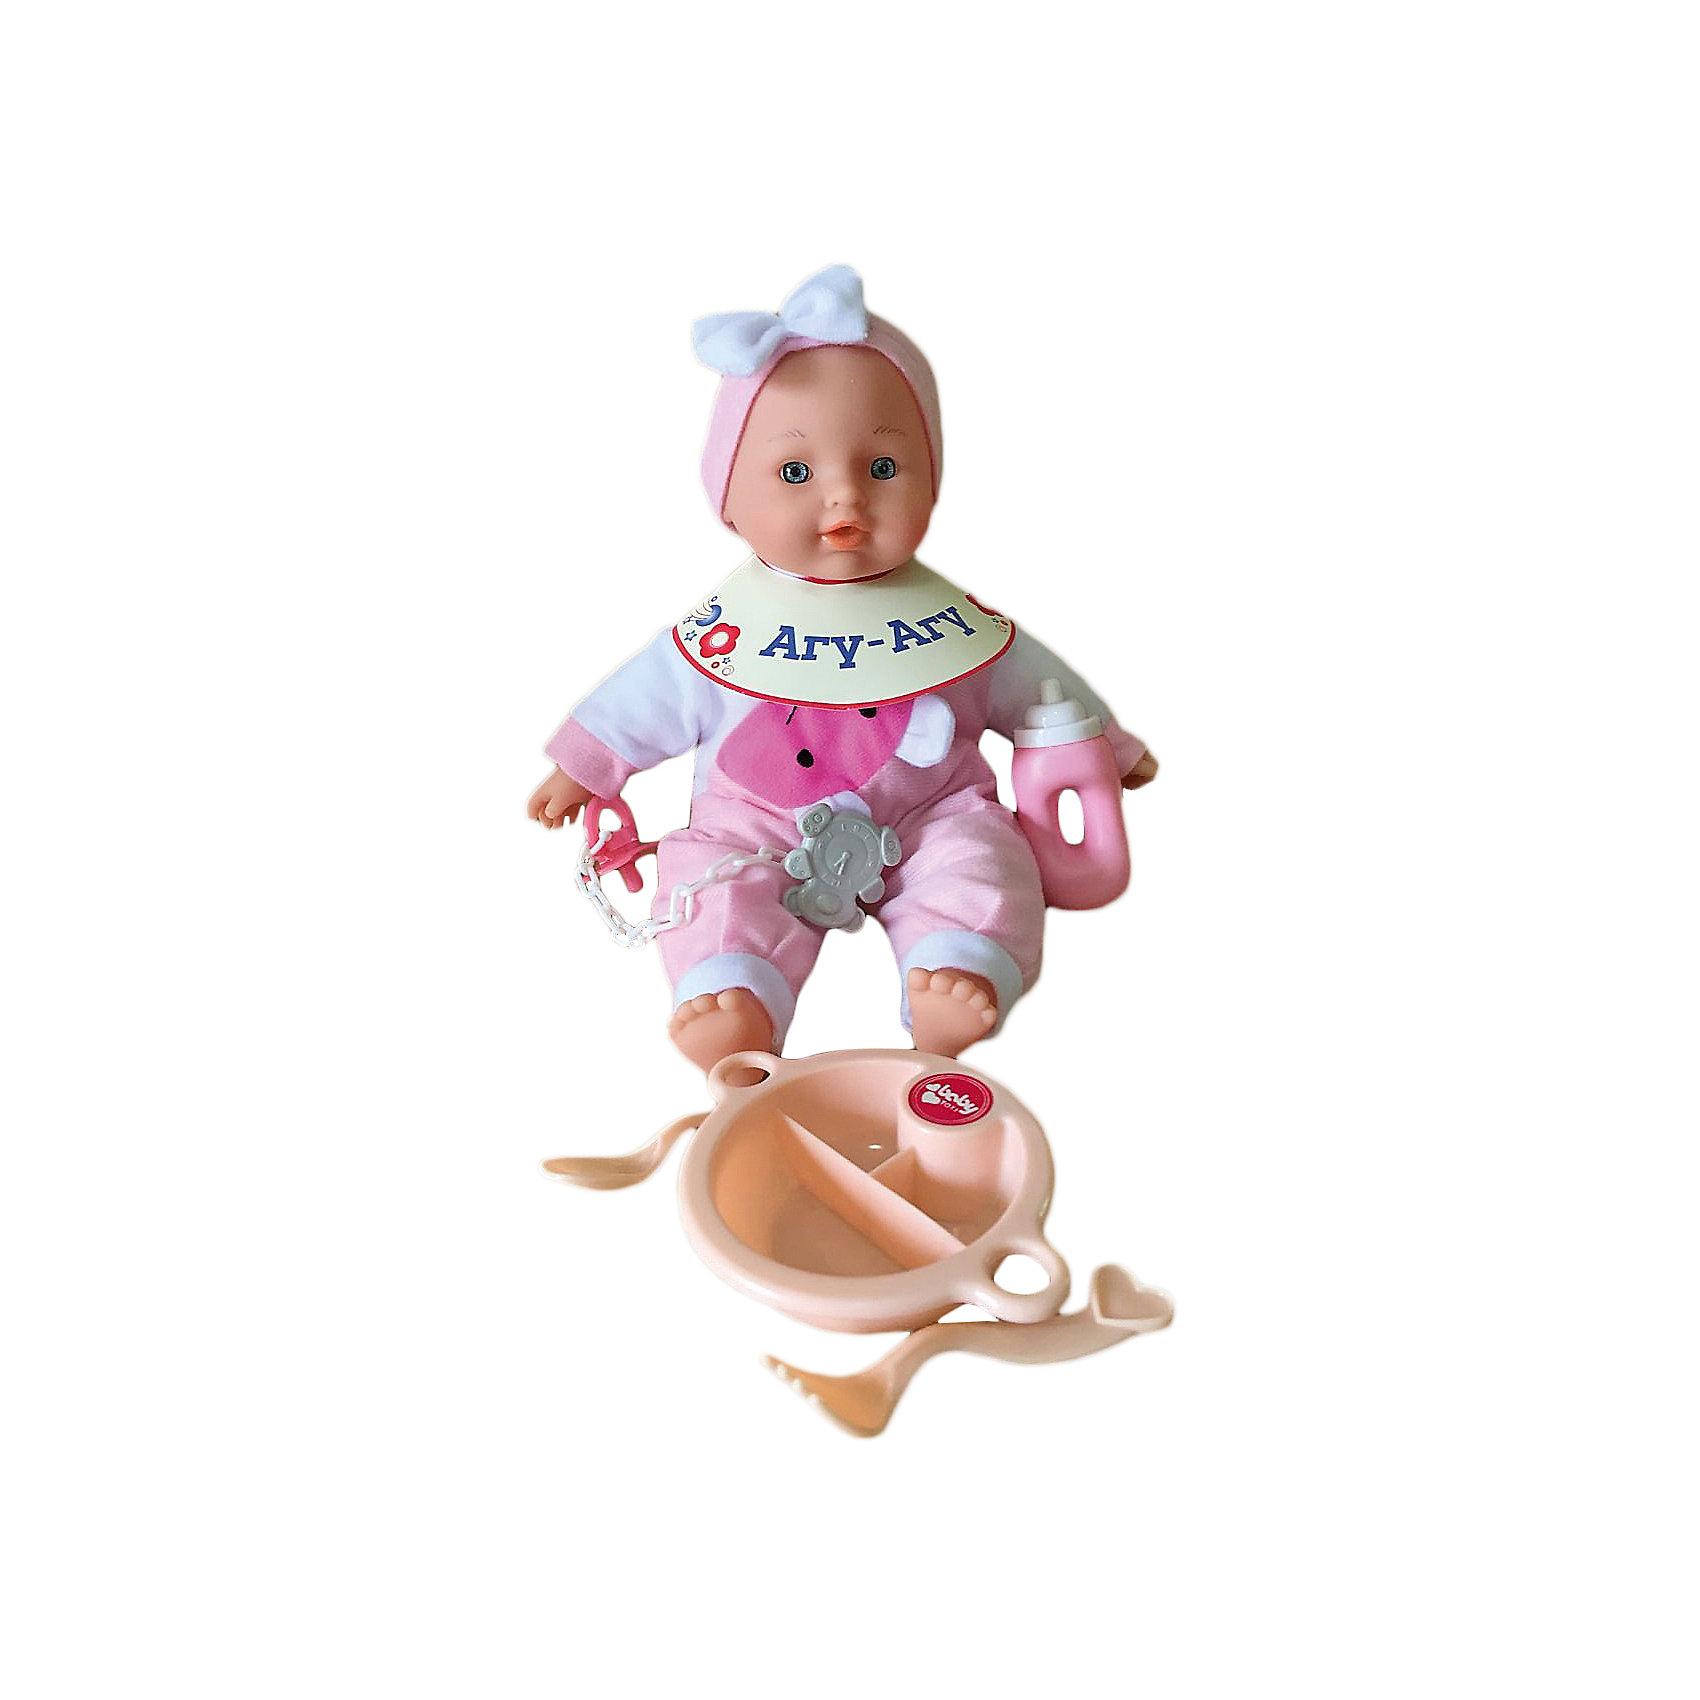 Пупс Милый болтун, 30 см, Mary PoppinsПупс Милый болтун, 30 см от популярного российского бренда кукол и аксессуаров Mary Poppins (Мэри Поппинс). Эта интересная кукла выглядит как настоящий малыш! Более того, в комплекте у этого пупса имеется все необходимое – бутылочка для кормления, детская тарелочка с возможностью разделения на три блюда, оригинальные ложка и вилка, интересный картонный нагрудник – теперь пупс полностью готов к приему пищи. Также в комплекте пустышка и клипса на прищепке, чтобы пупс не выронил ее во время прогулки. Кукла одета в красивый розово-белый комбинезон, а на голове малышки стильная розовая повязка с нежным белым бантом. Тело мягконабивное, что безопасно и приятно на ощупь. Если нажать на животик куклы, то она будет смеяться или плакать, сможет сказать мама и папа. Нейтральное выражения лица пупса поможет ребенку придумать множество своих сценариев и чувств куклы, закладывая фундамент социальных навыков и социального развития. Играя с куклами дети познают человека, как с физиологической, так и с стороны общения между людьми, развивается моторика рук, внимание, воображение, такие игры положительно влияют на психологическое развитие. <br><br>Дополнительная информация:<br><br>- В комплект входит: 1 кукла в одежде, тарелка, ложка и вилка, бутылочка, пустышка и клипса, нагрудник.<br>- Материал: ПВХ, текстиль, пластик <br>- Размер пупса: 30 см<br>- Размер в сидячем положении: 14 * 13 * 20 см.<br>- Вес: 0,38 кг.<br><br>Пупса Милый болтун, 30 см, Mary Poppins (Мэри Поппинс) можно купить в нашем интернет-магазине.<br><br>Подробнее:<br>• Для детей в возрасте: от 3 до 10 лет<br>• Номер товара: 4925585<br>Страна производитель: Китай<br><br>Ширина мм: 170<br>Глубина мм: 140<br>Высота мм: 200<br>Вес г: 948<br>Возраст от месяцев: 36<br>Возраст до месяцев: 120<br>Пол: Женский<br>Возраст: Детский<br>SKU: 4925585